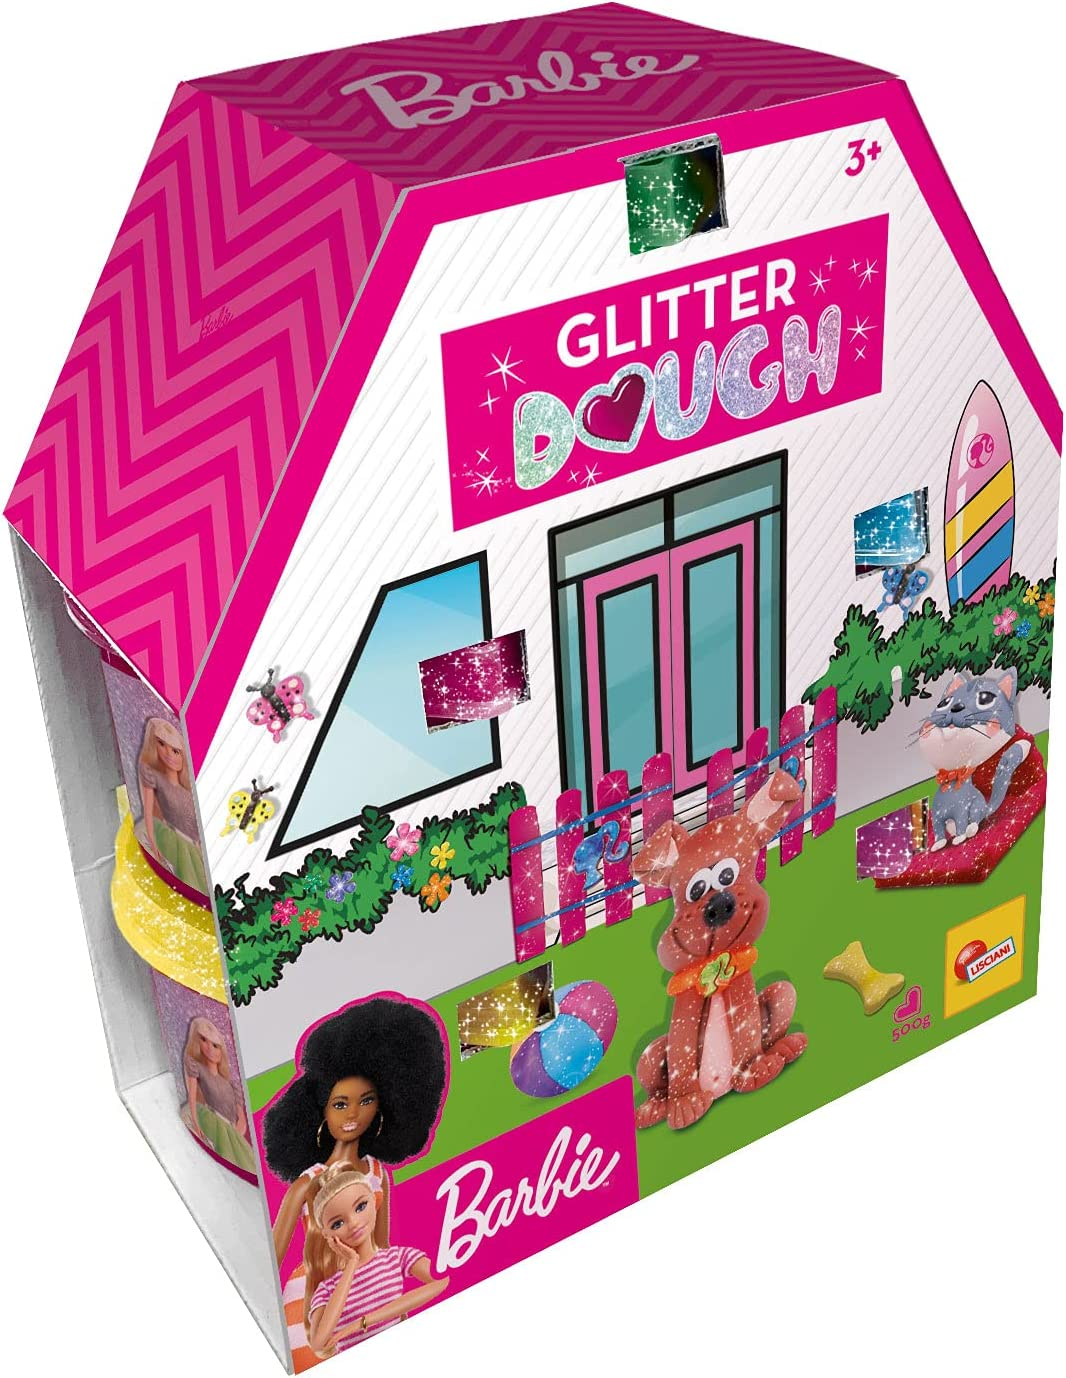 Lisciani, Barbie Glitter Dough Kit Casa, 5 Botes en Forma de corazón, Plastilina con Purpurina, Pack 5 x 100 g, 88850-Juego Creativo para niñas a Partir de 3 años, Multicolor (88850)